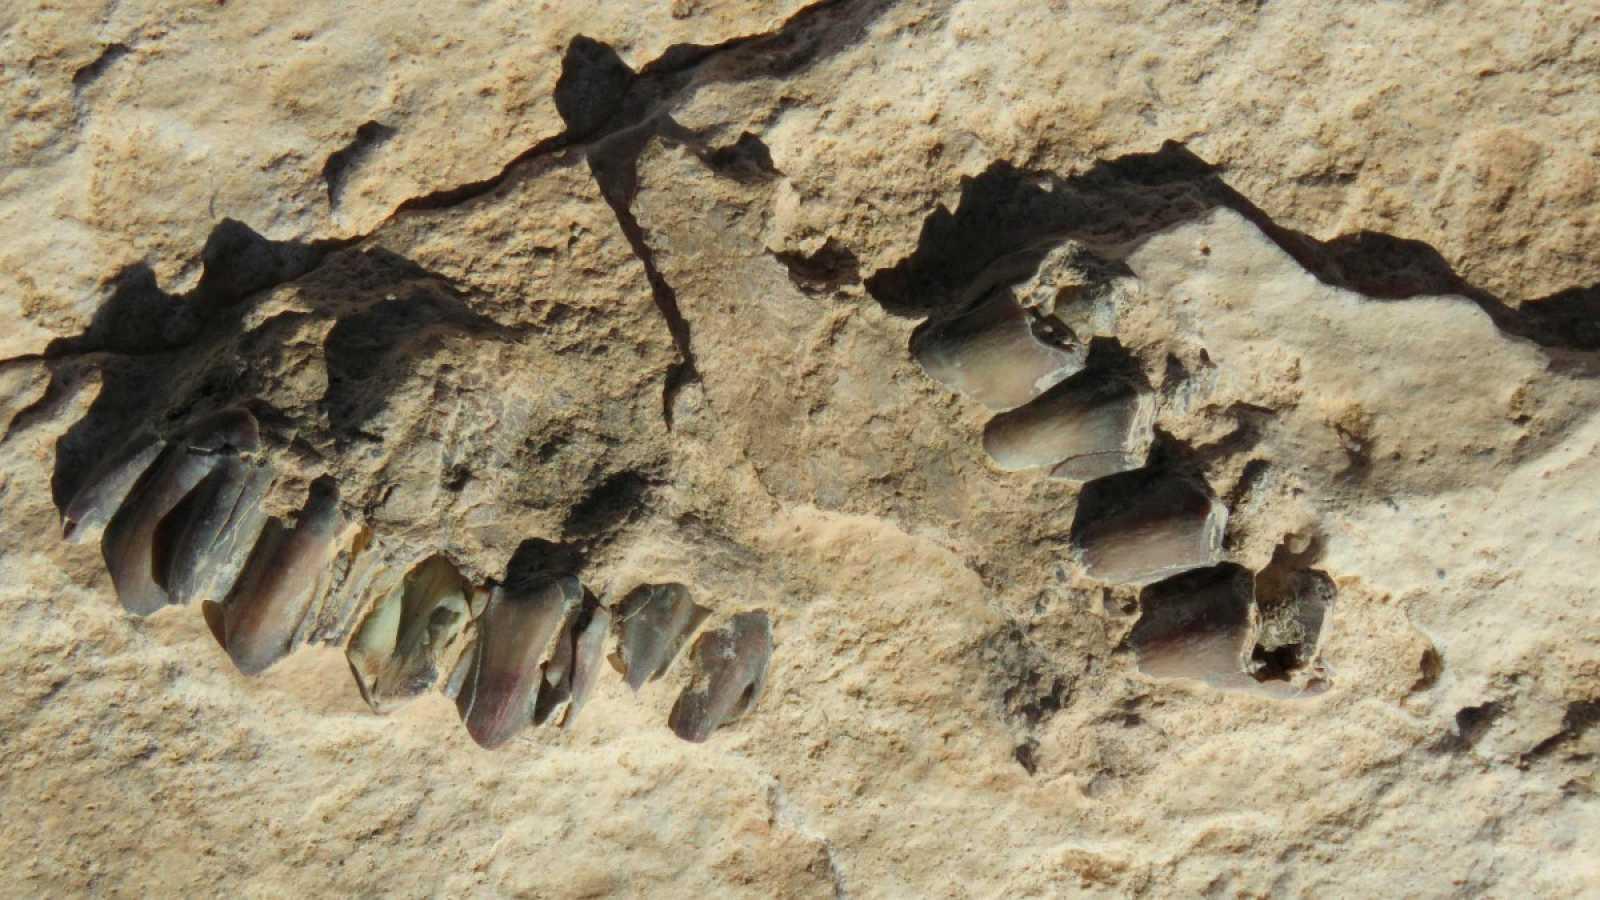 Huellas de animales encontradas en la superficie del antiguo lago de Alathar, Arabia